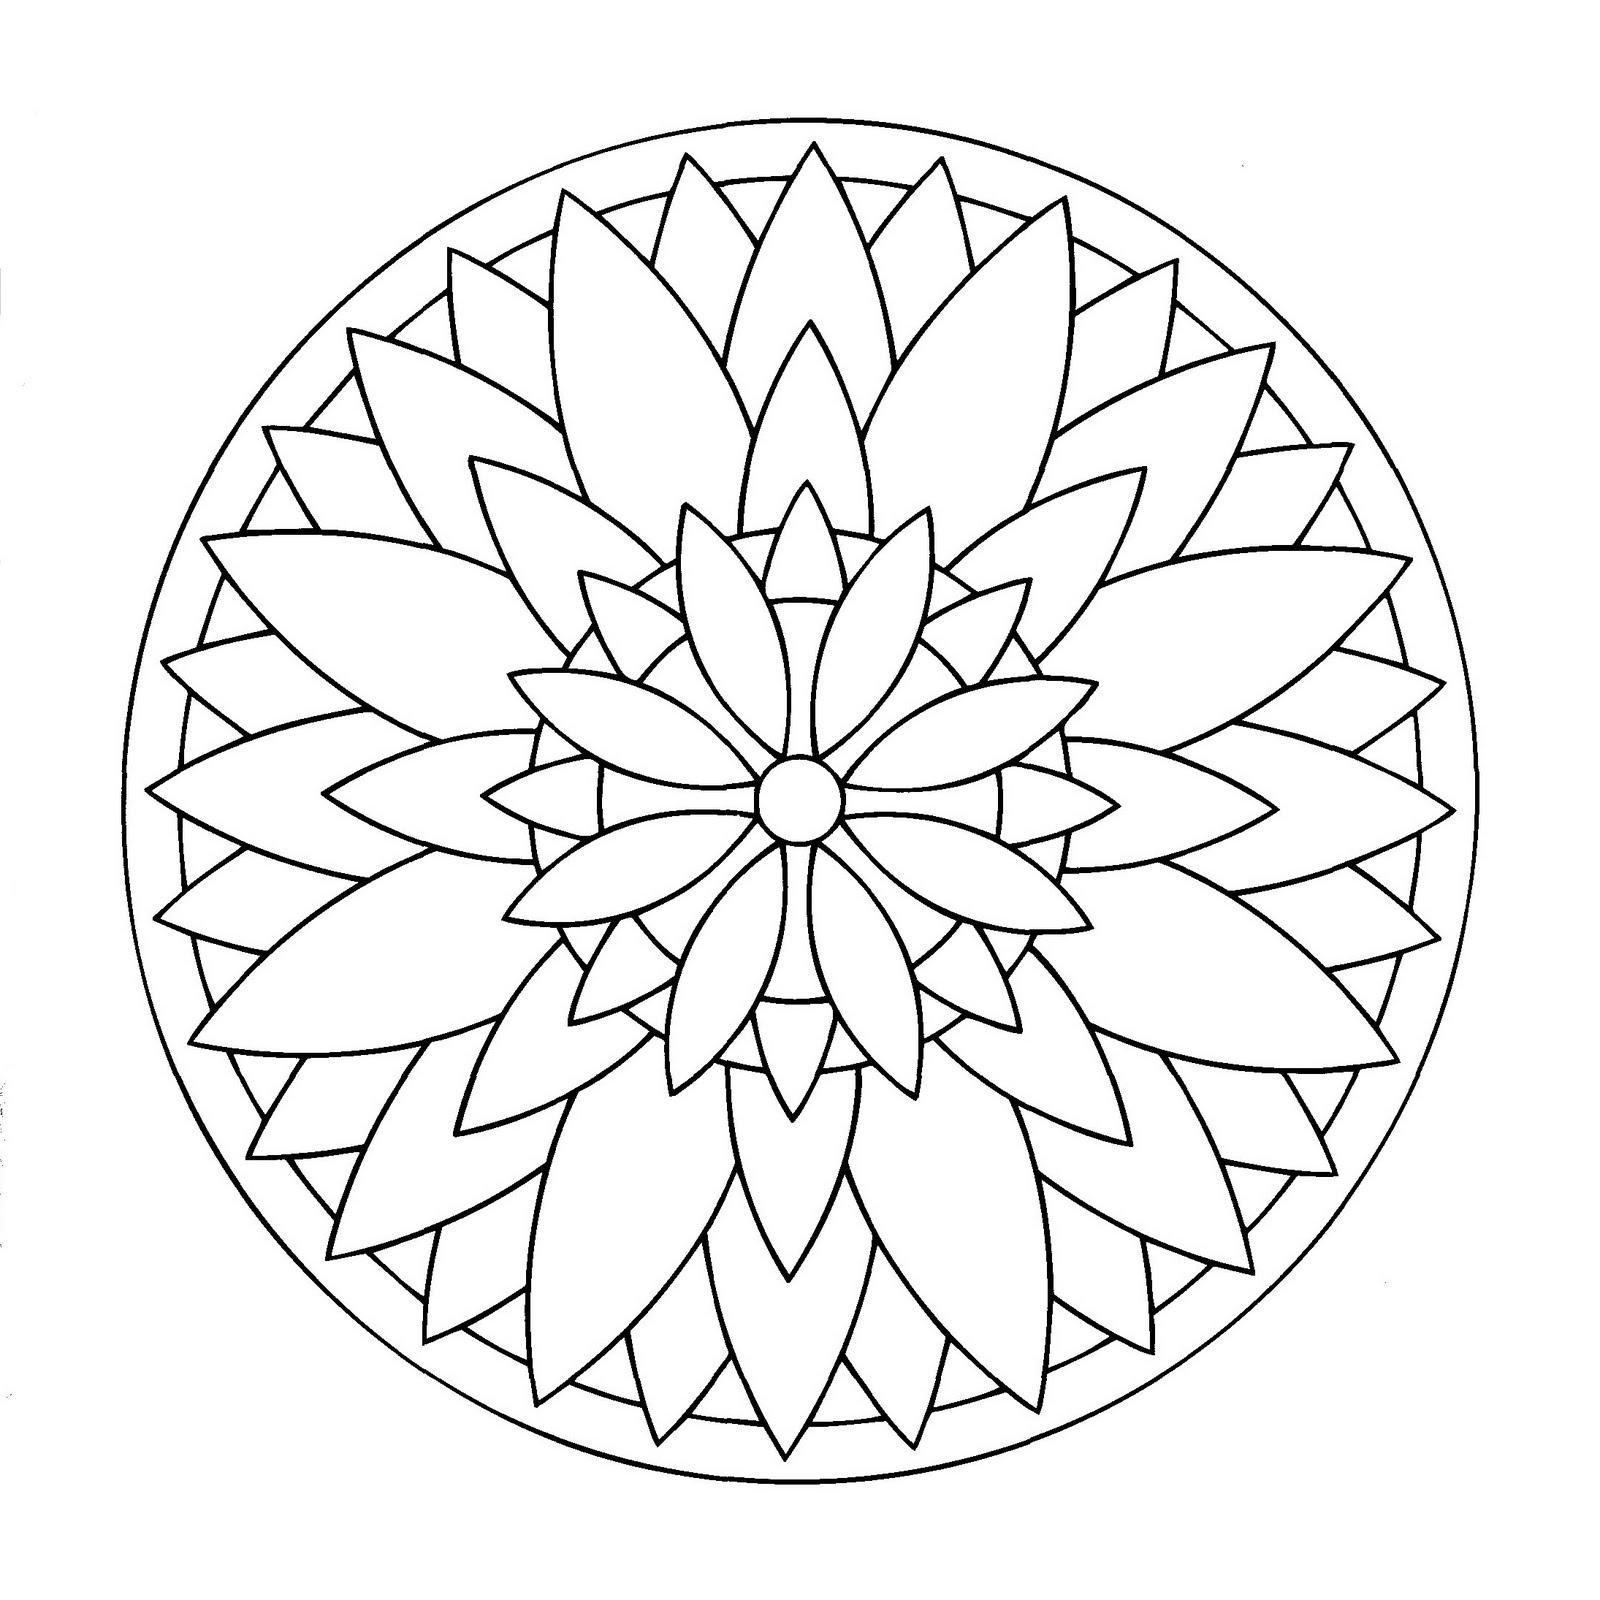 dibujos para colorear y imprimir de mandalas